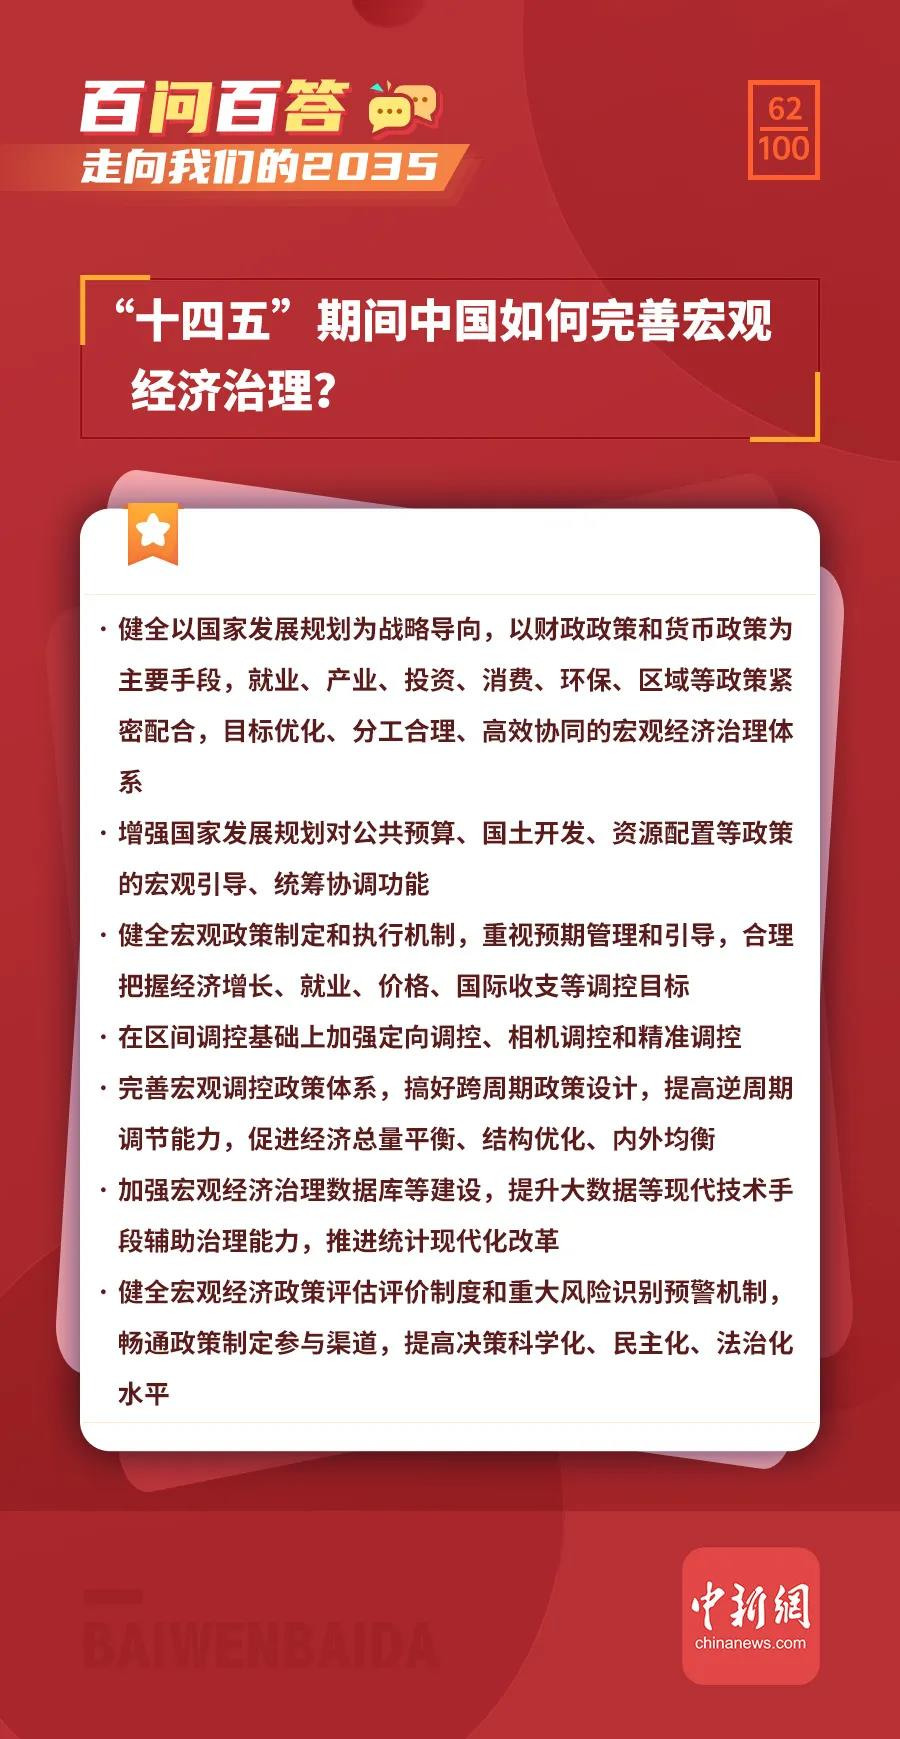 """【走向我们的2035·百问百答】""""十四五""""期间中国如何完善宏观经济治理?"""